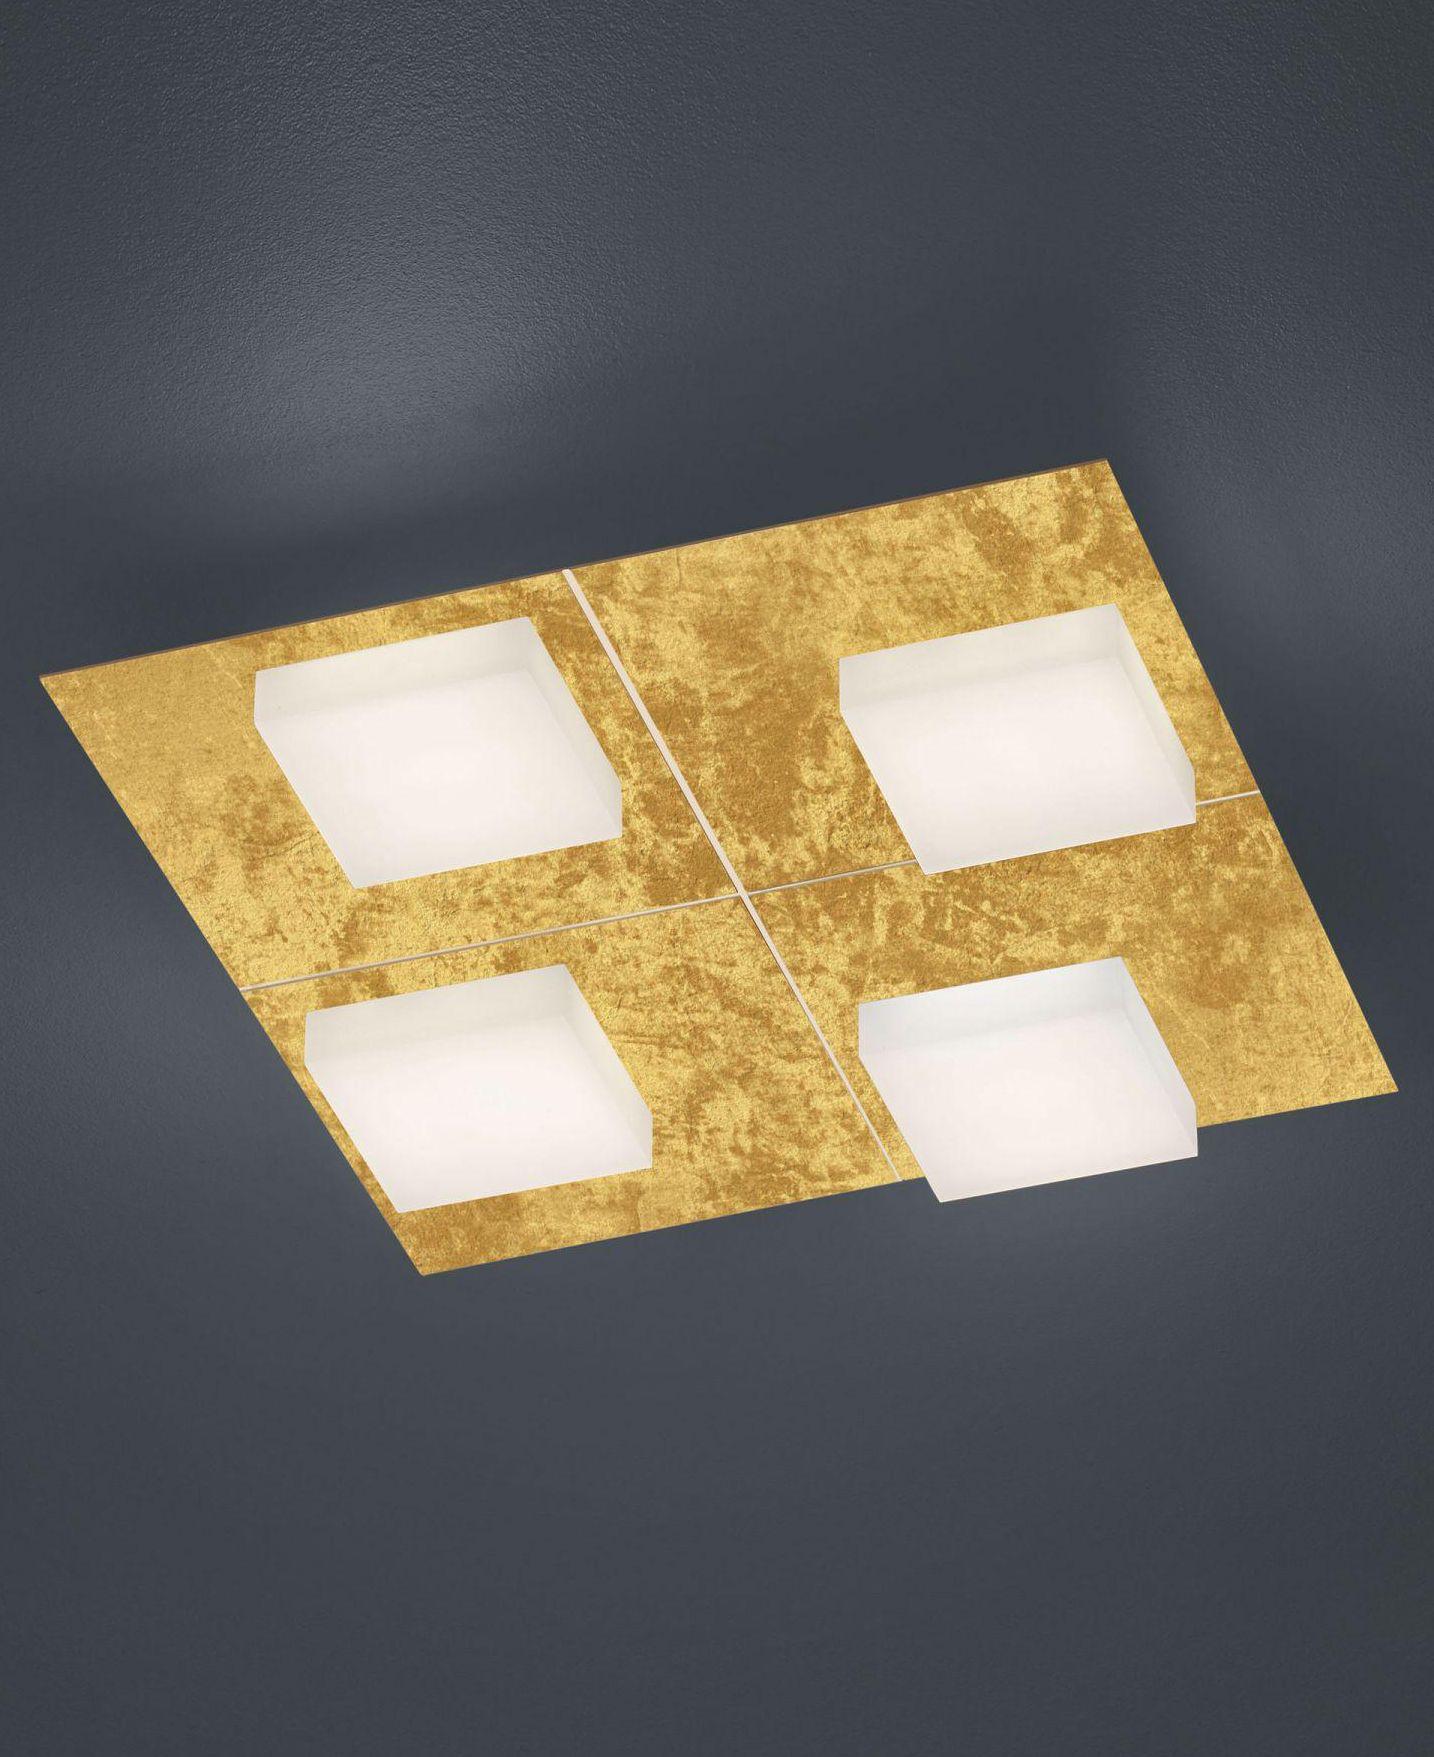 LED-Deckenleuchte Cube luce elevata/ 4 flammig von BANKAMP Leuchtenmanufaktur